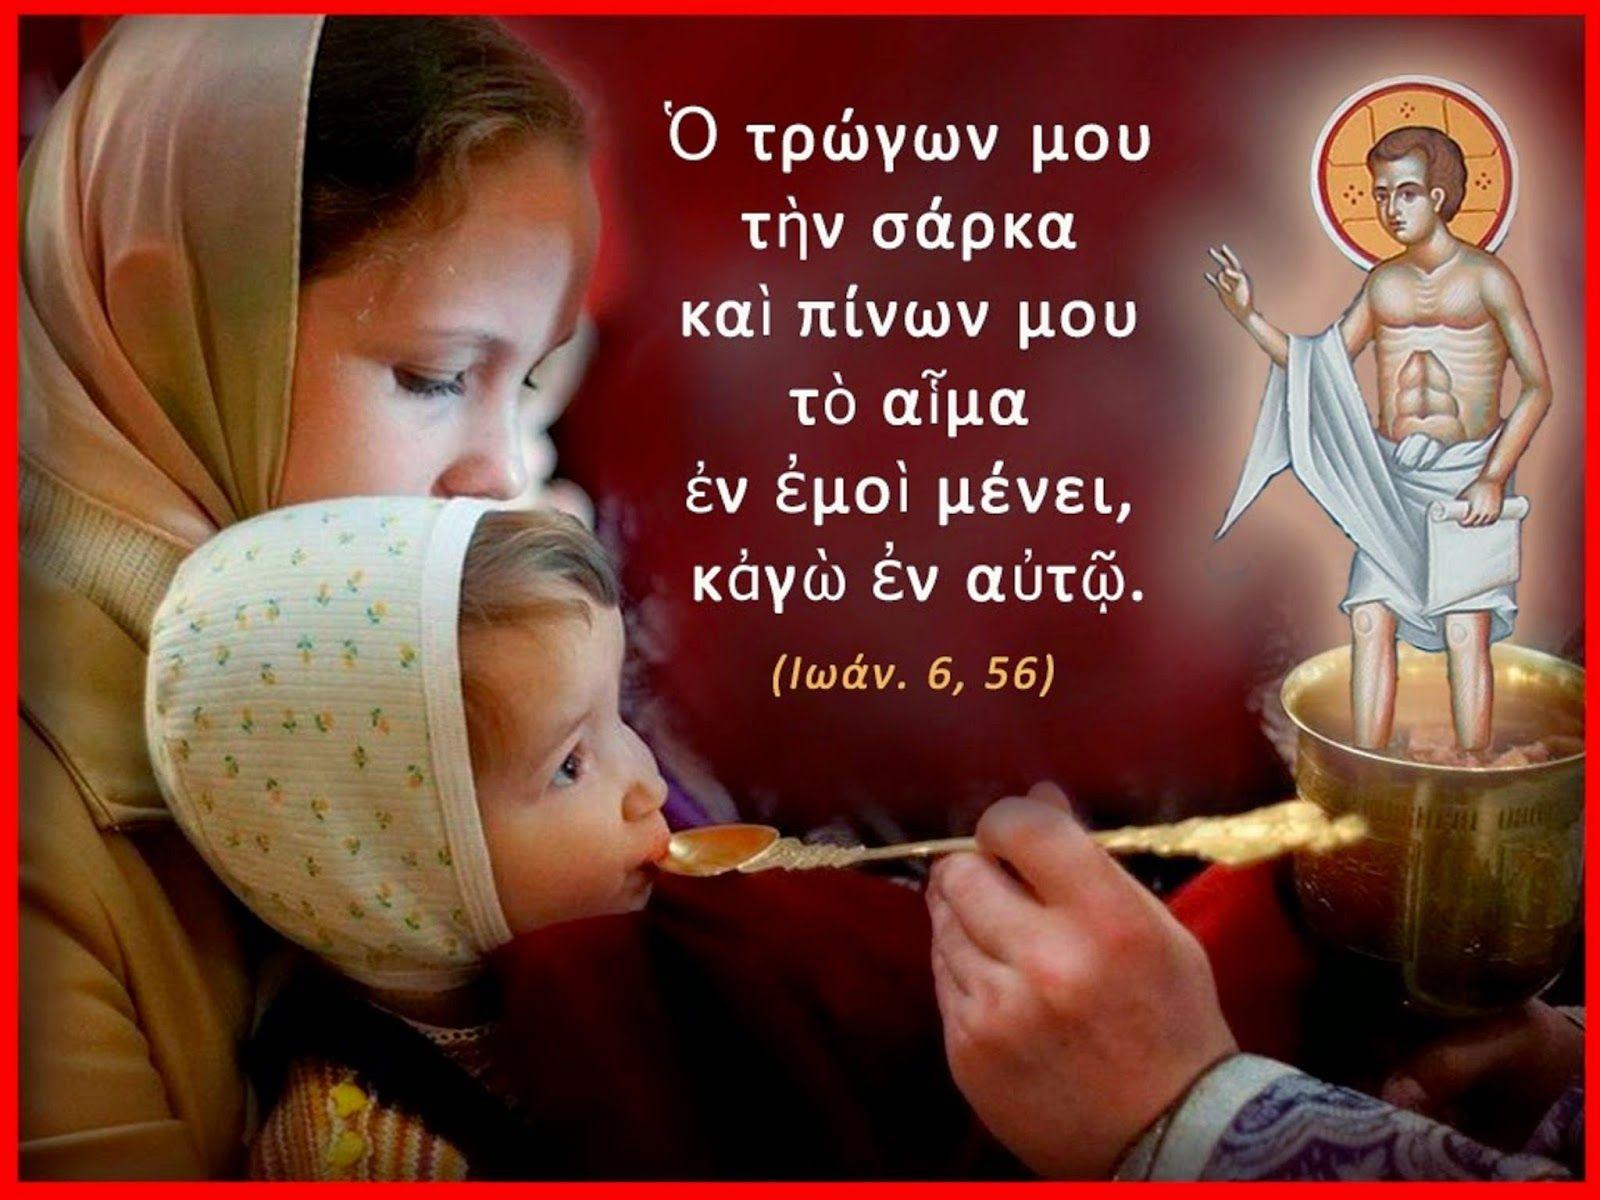 ΘΕΙΑ ΠΡΟΣΤΑΣΙΑ!!!ΠΩΣ ΚΑΙ ΓΙΑΤΙ ΠΑΙΡΝΟΥΜΕ ΜΕΓΑΛΗ ΕΥΛΟΓΙΑ ΜΕ ΤΗΝ ΘΕΙΑ ΚΟΙΝΩΝΙΑ!!!!  | Prayer for family, Jesus lives, Christian faith